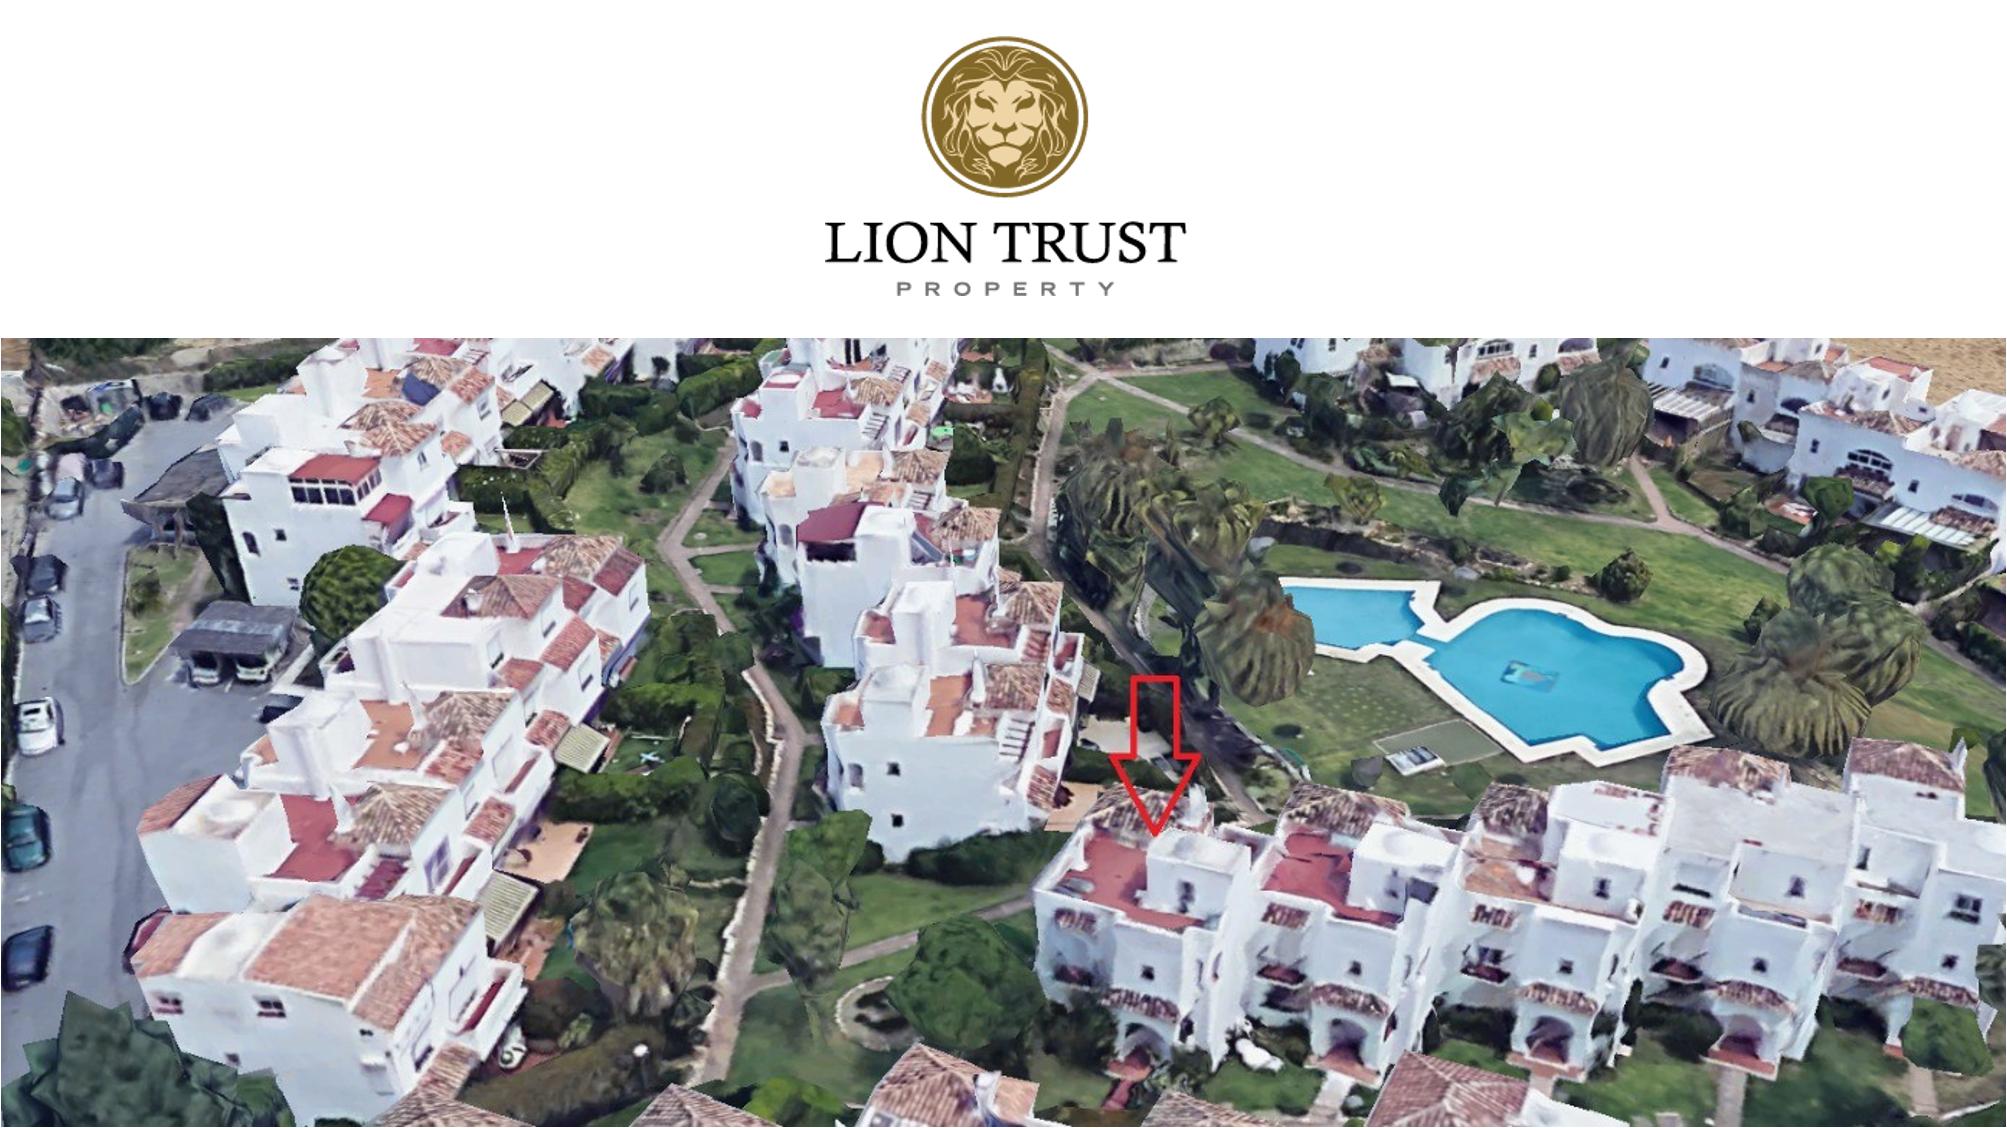 10a - Lion Trust Spain